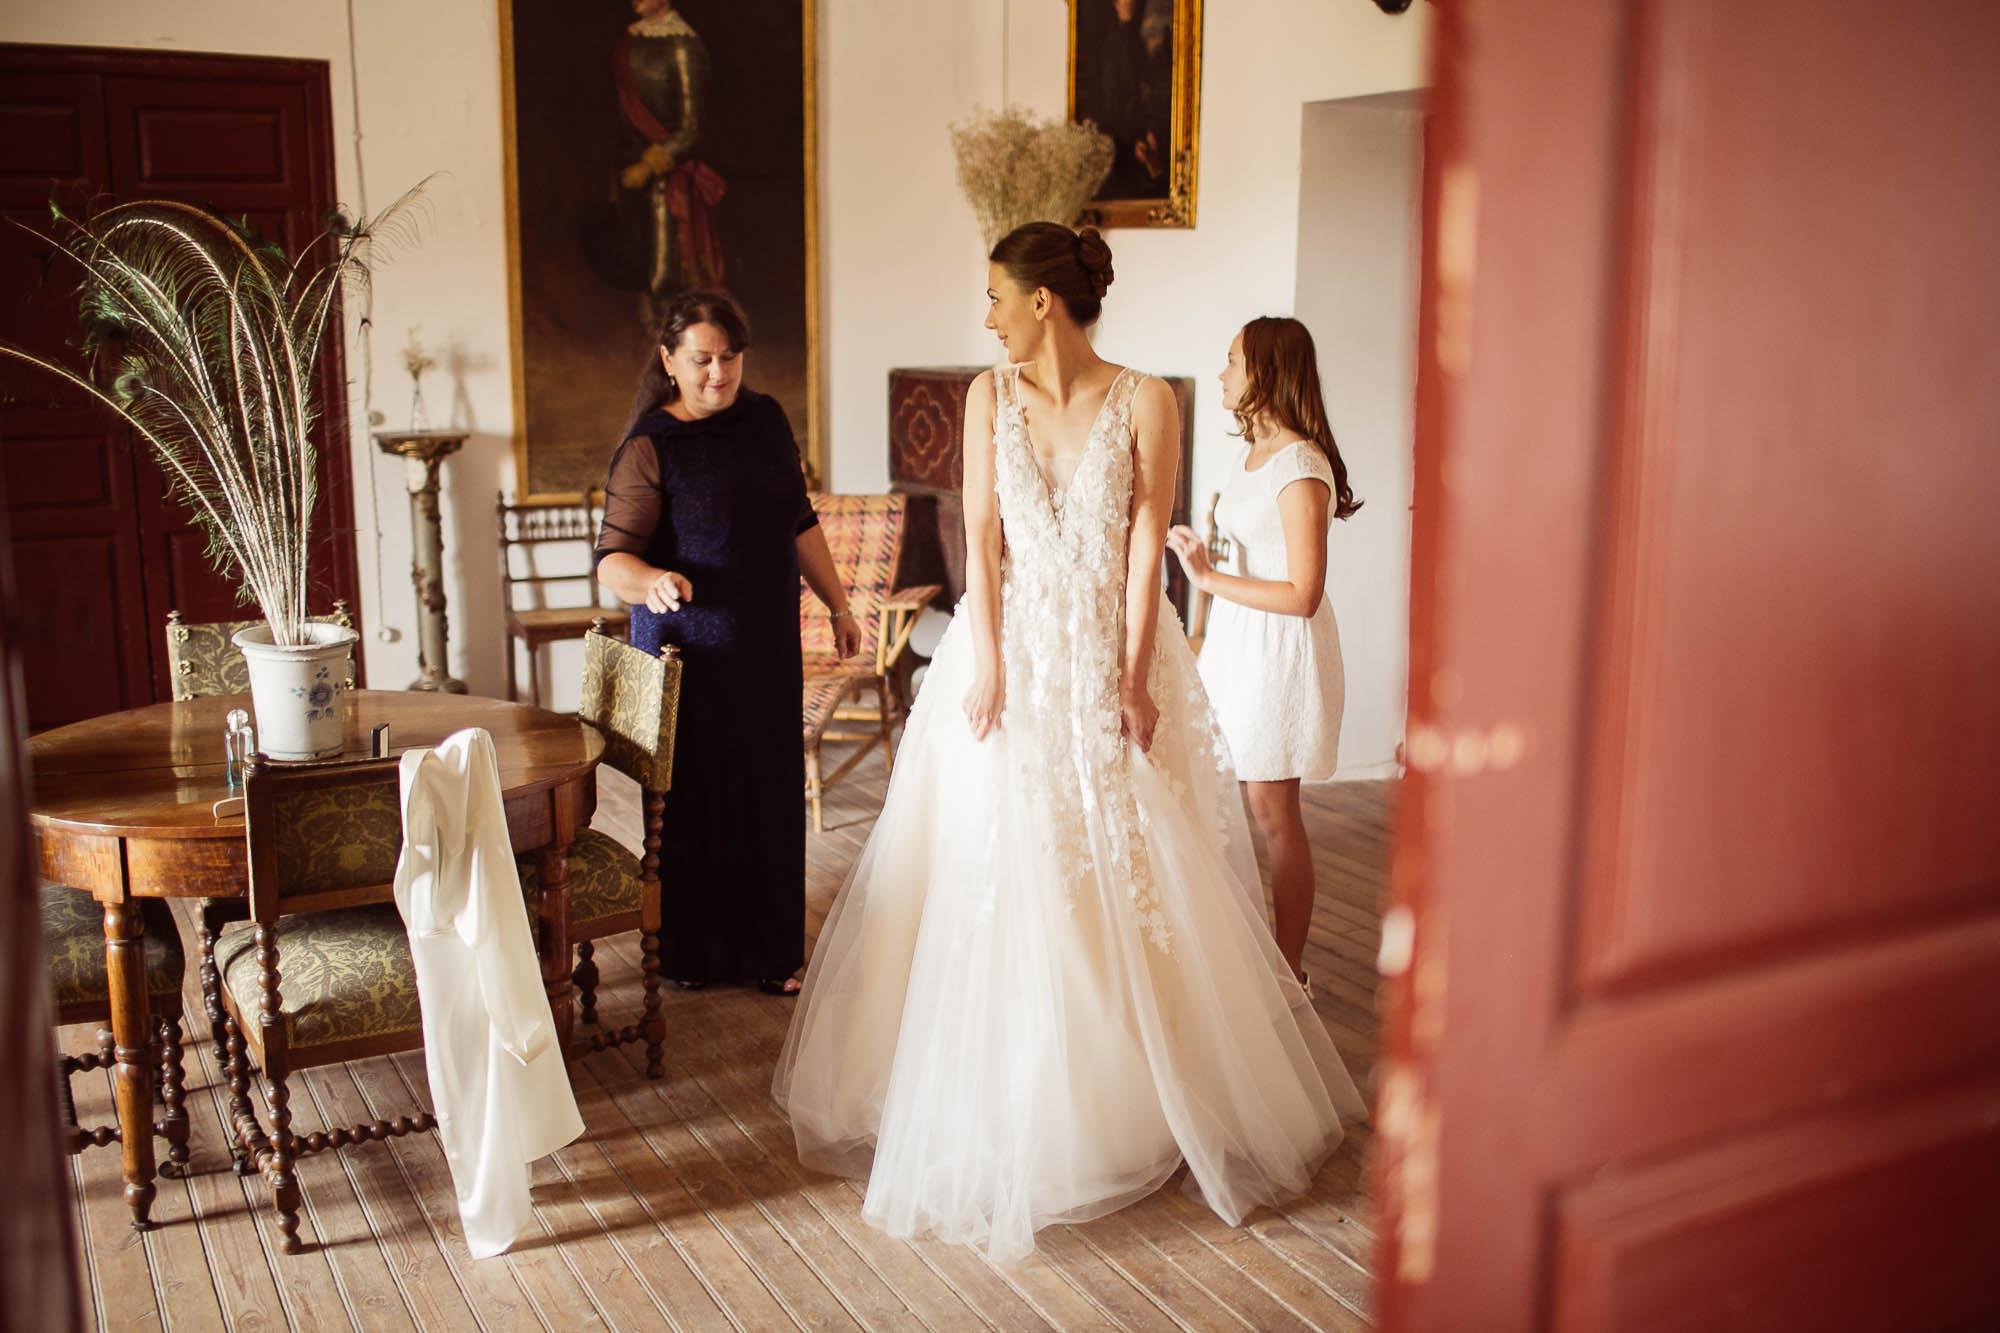 La novia se pone el vestido en casa